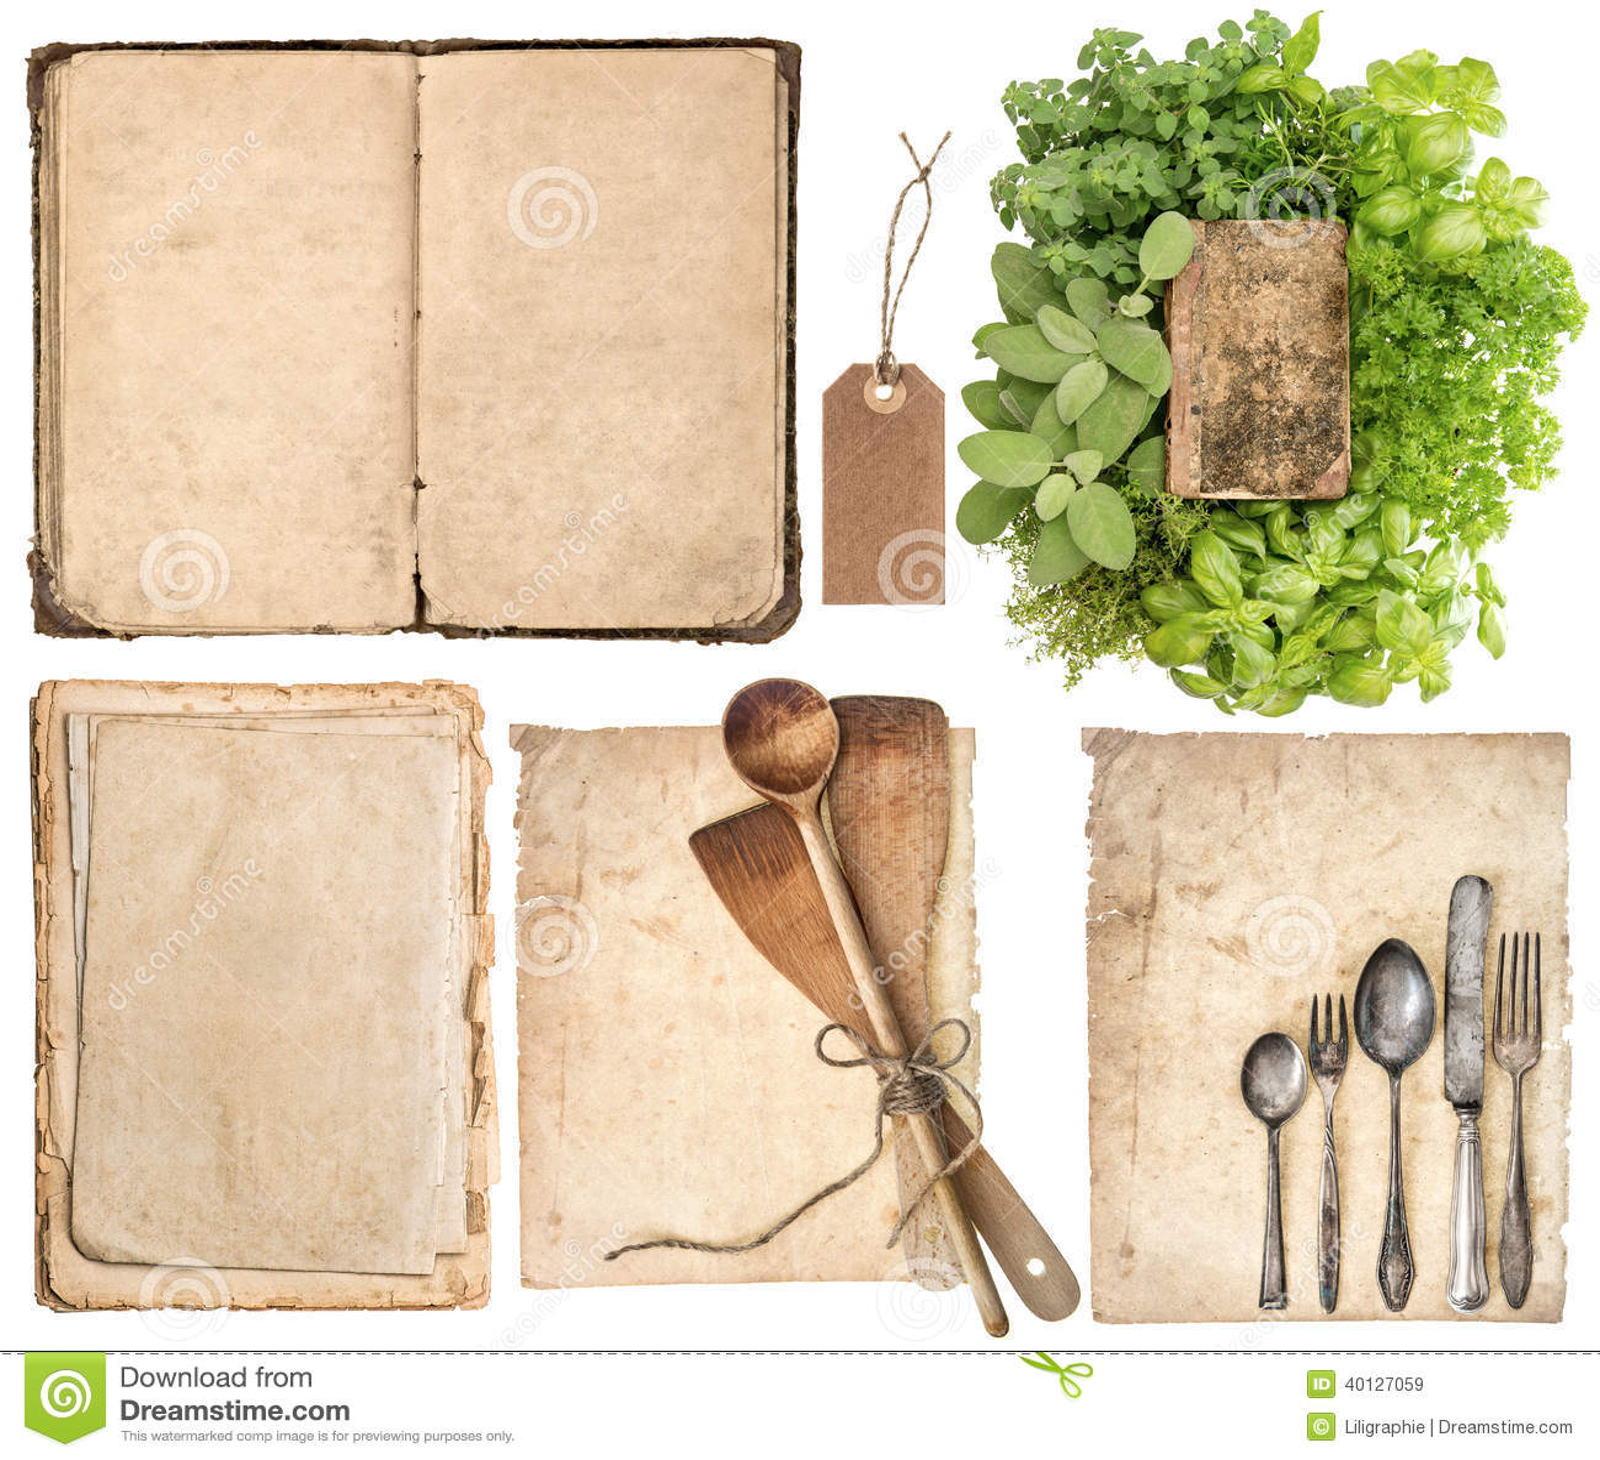 Ustensiles de cuisine vieux livre de cuisine pages et - Vieux ustensiles de cuisine ...